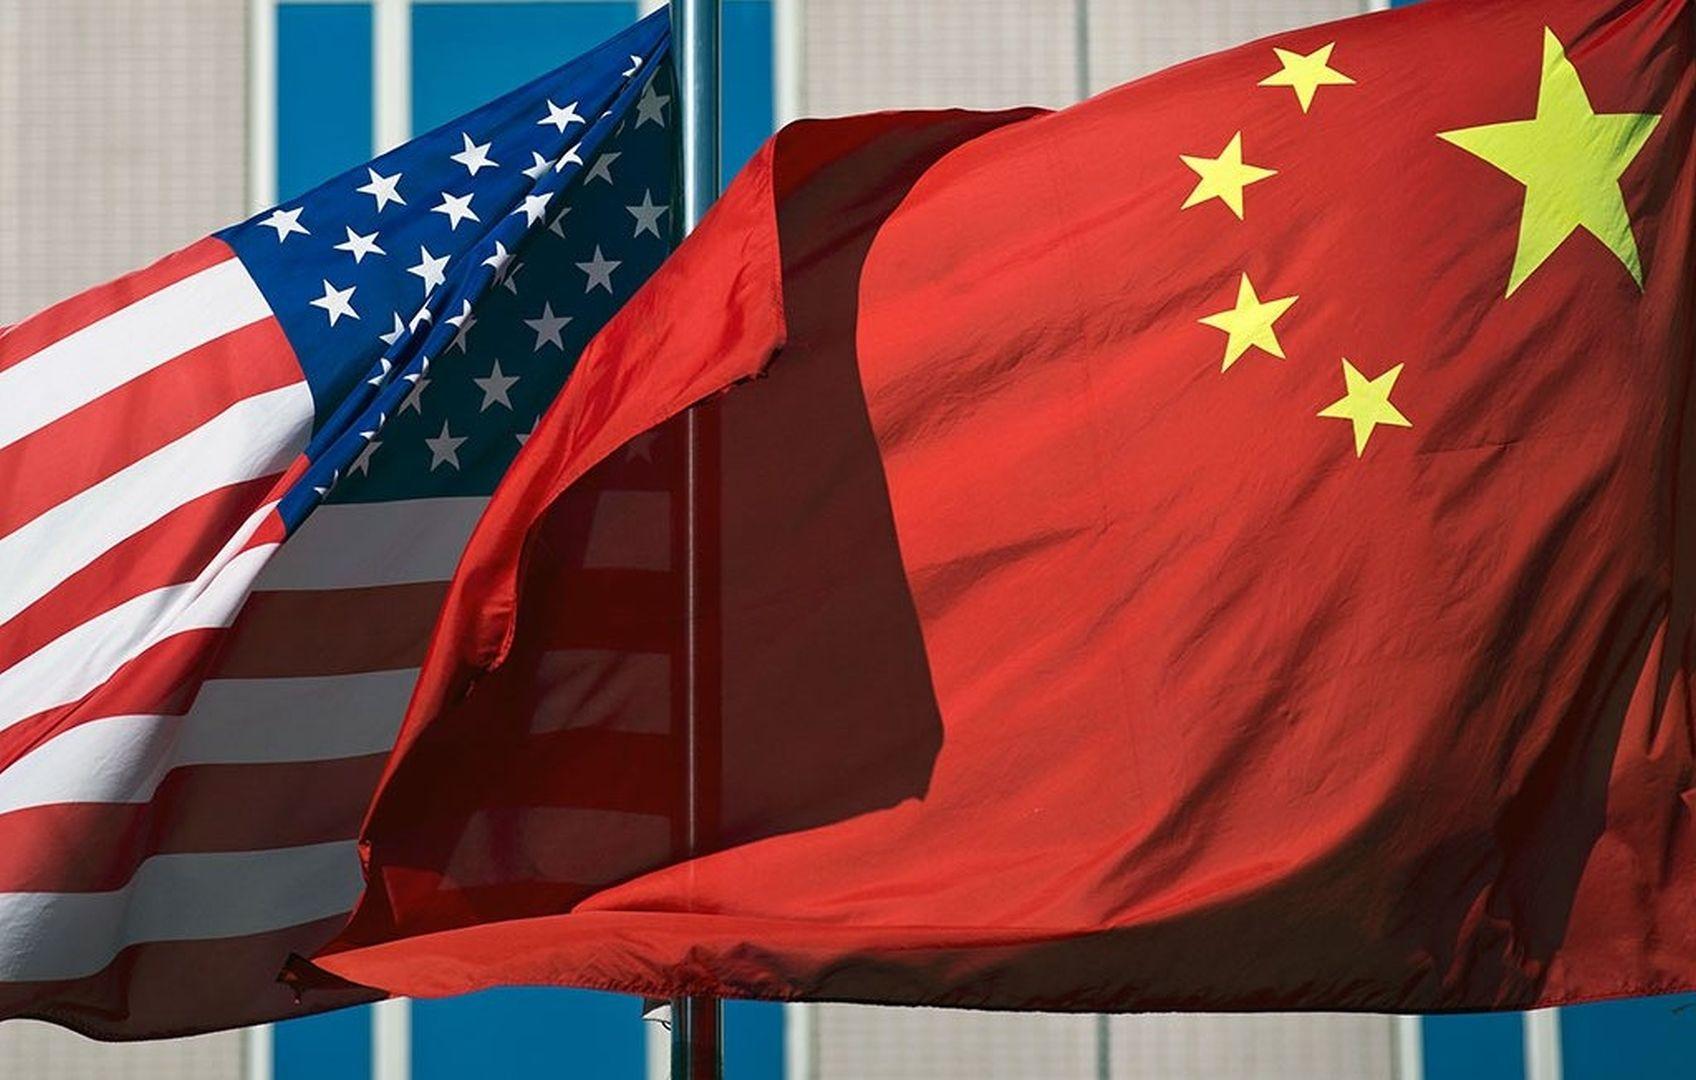 Вашингтон сформирует «торговую коалицию» для противодействия Китаю – советник Трампа по экономике